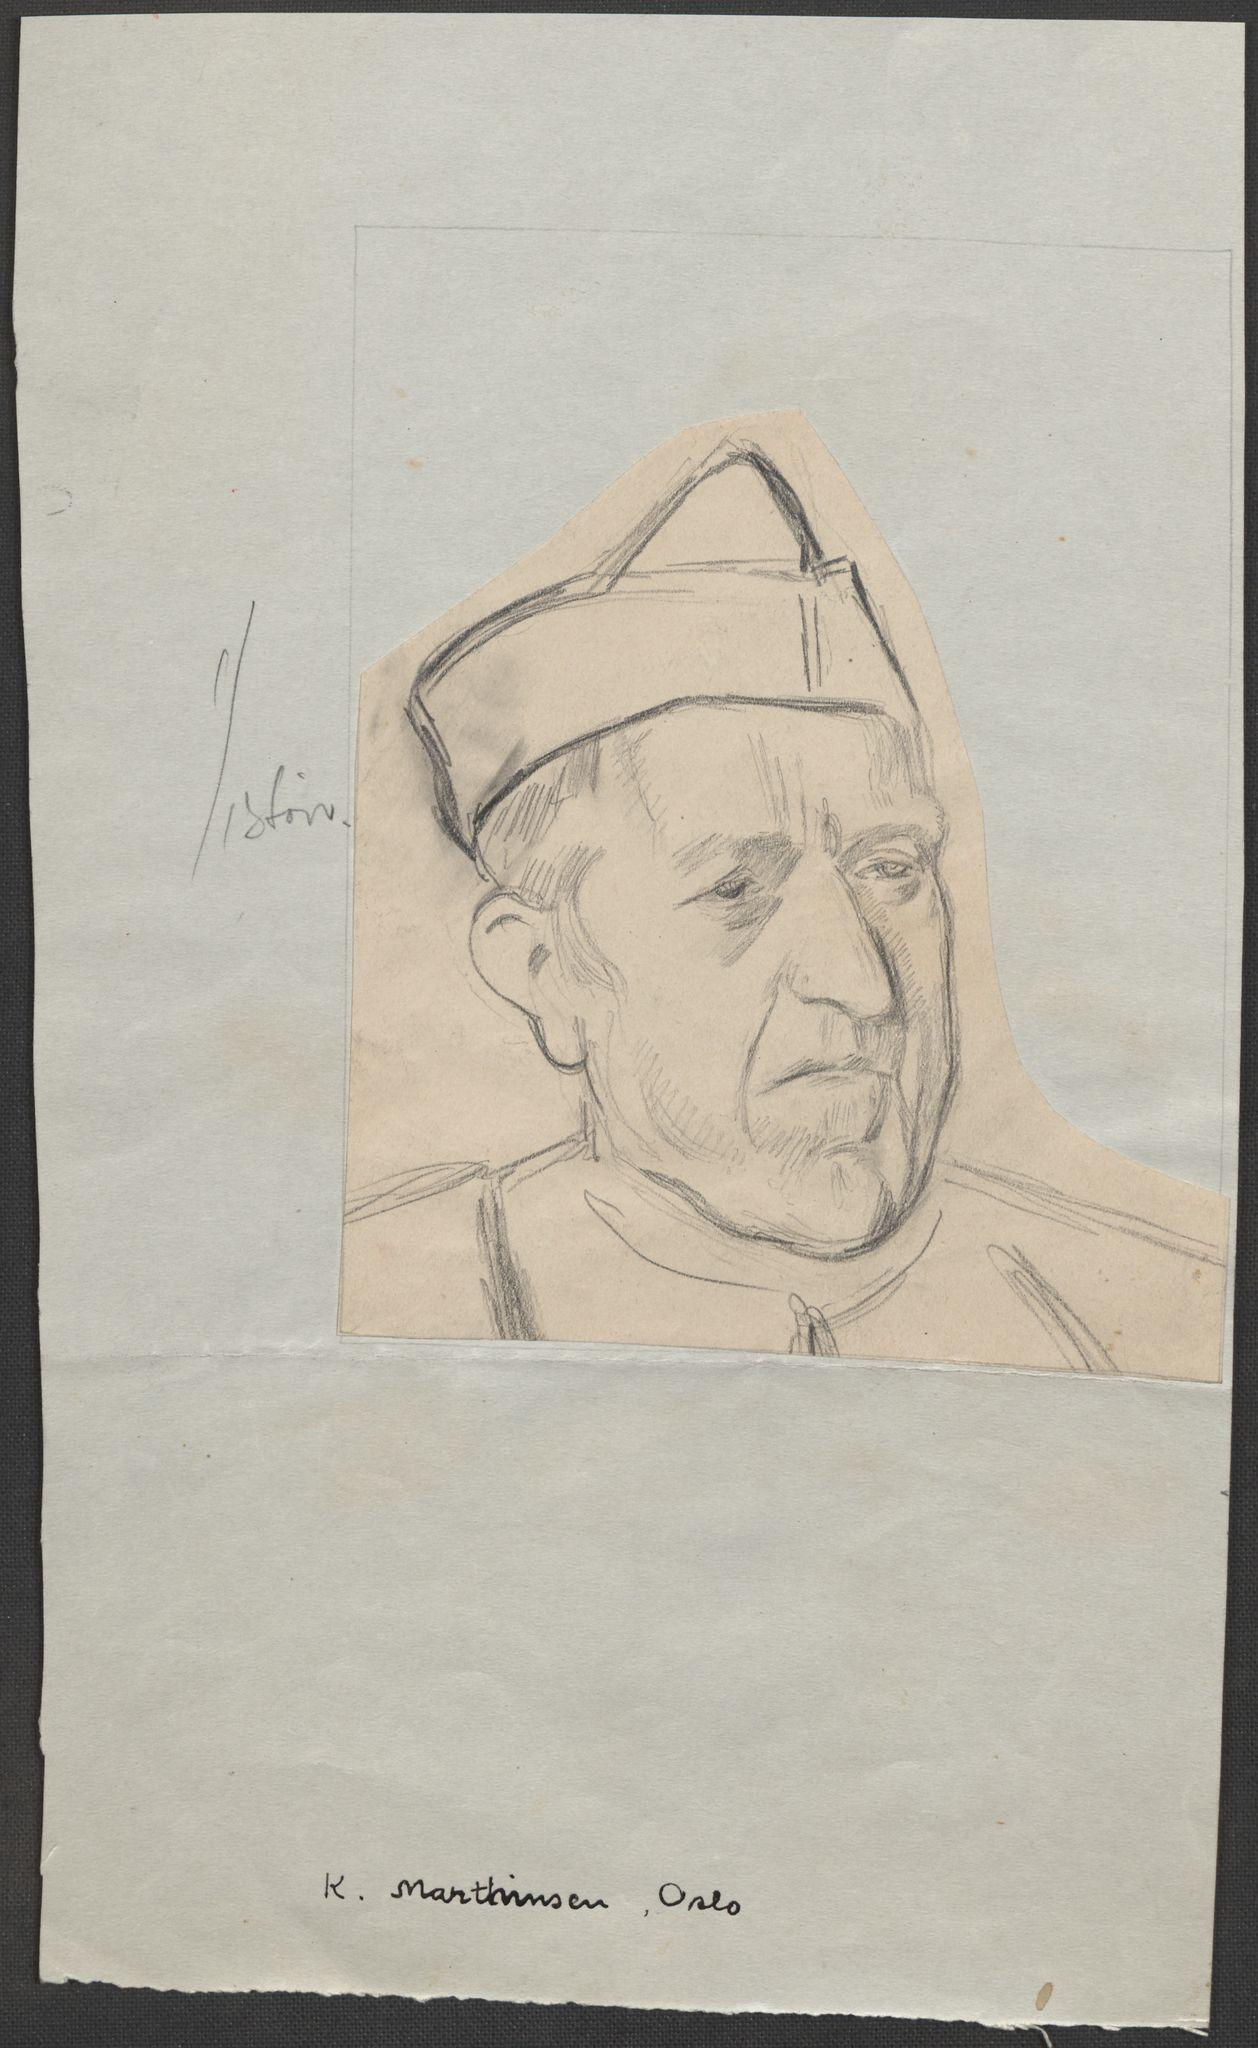 RA, Grøgaard, Joachim, F/L0002: Tegninger og tekster, 1942-1945, s. 96